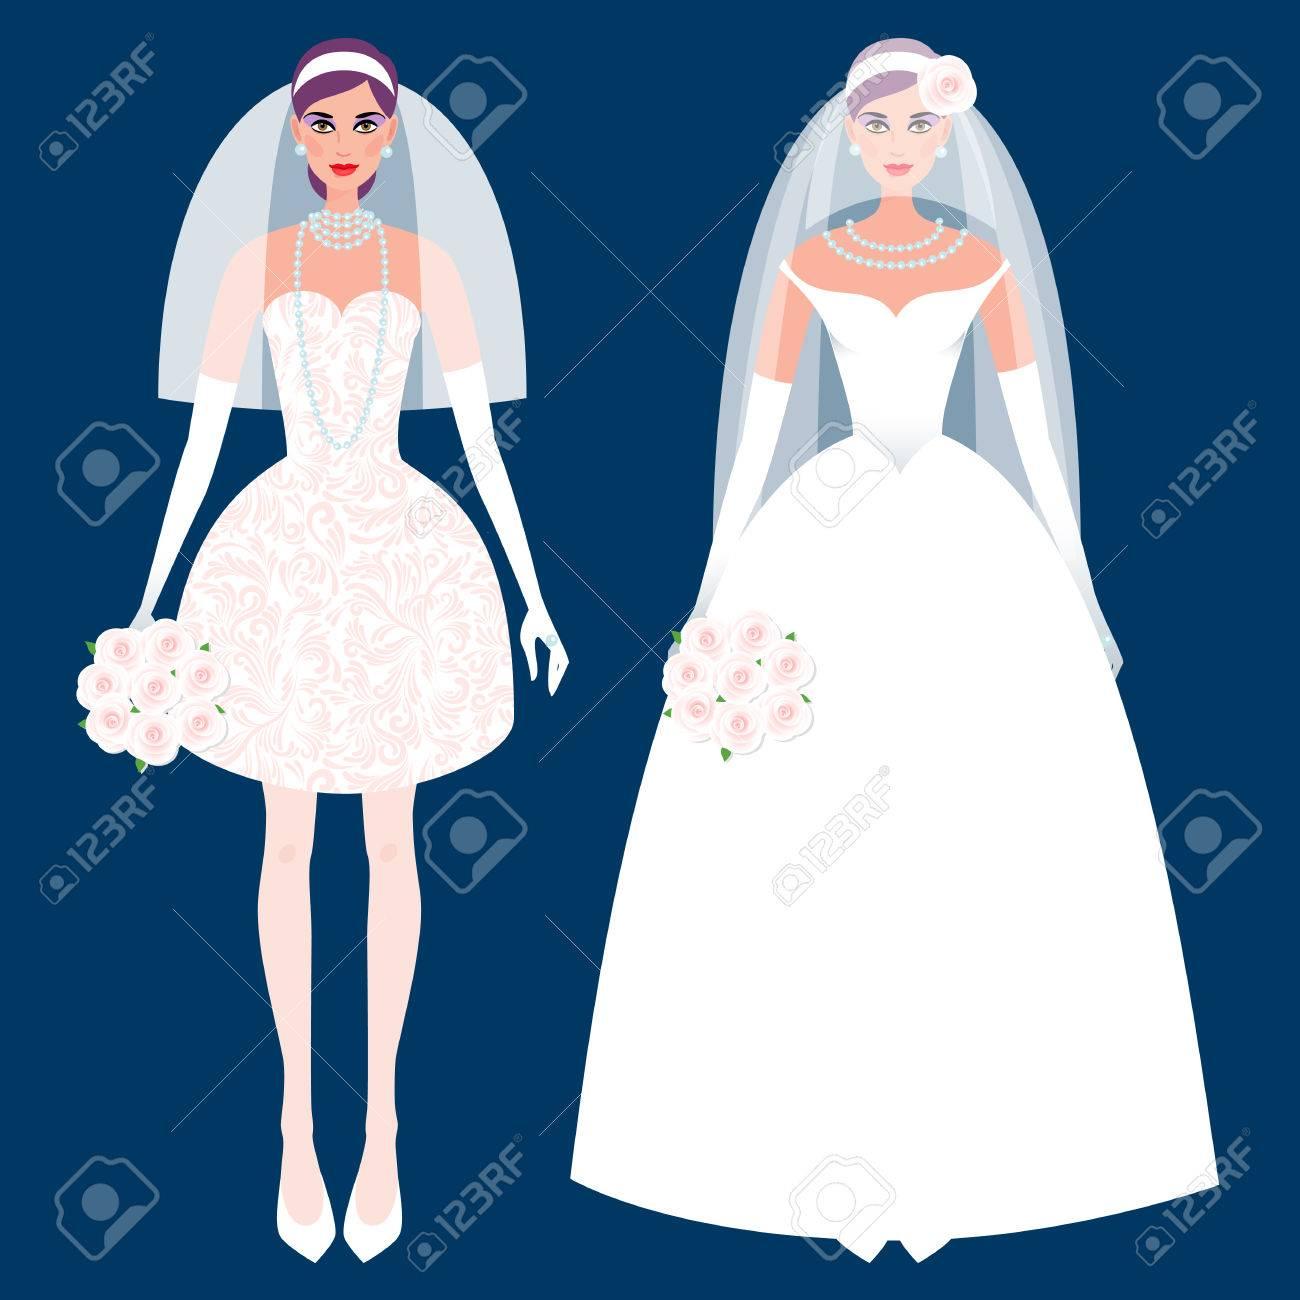 Nettes Mädchen In Einem Hochzeitskleid. Urlaub Vektor-Illustration ...